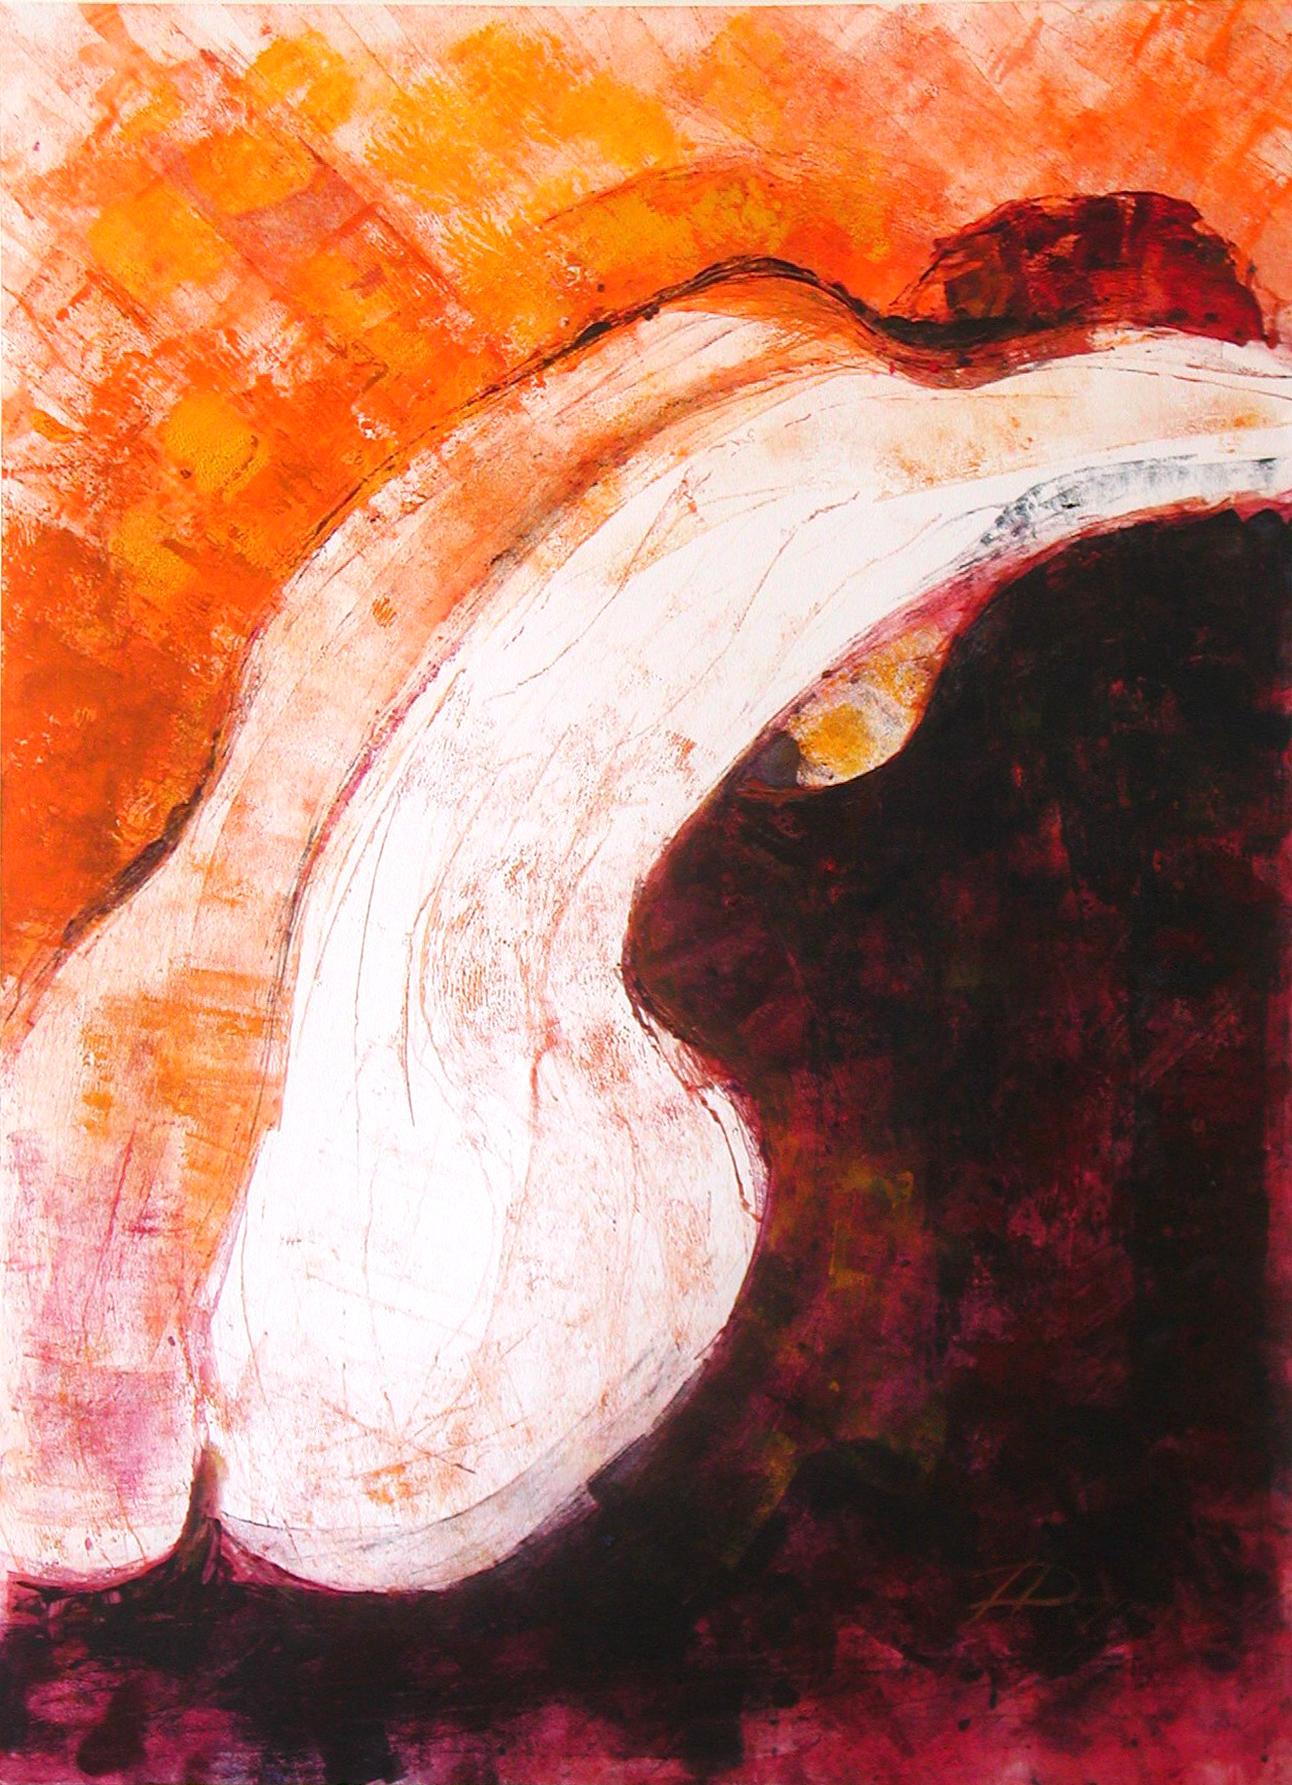 Chelo, Acryl (43x61 cm)